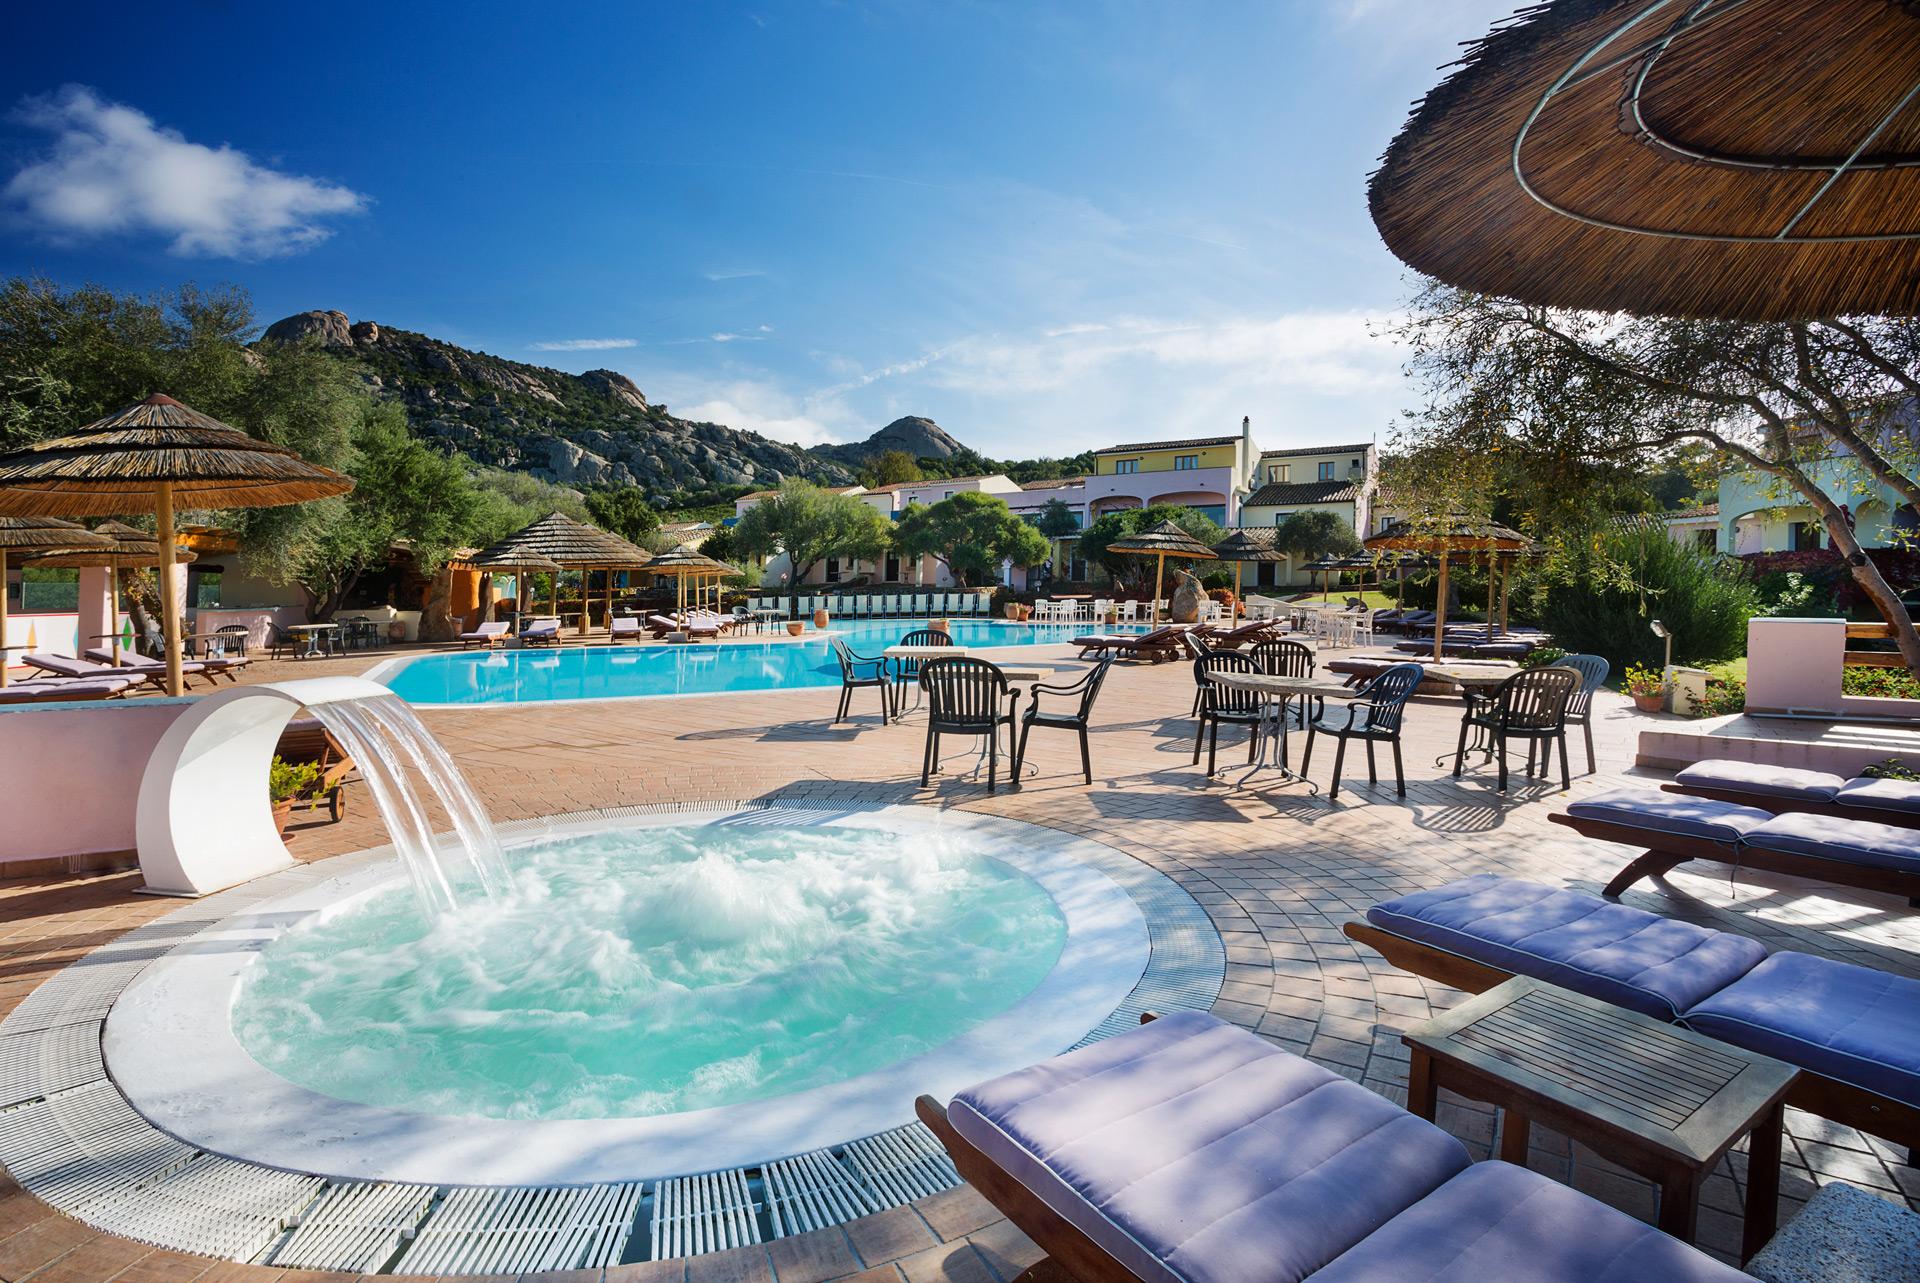 Hotel Airone piscina idromassaggio